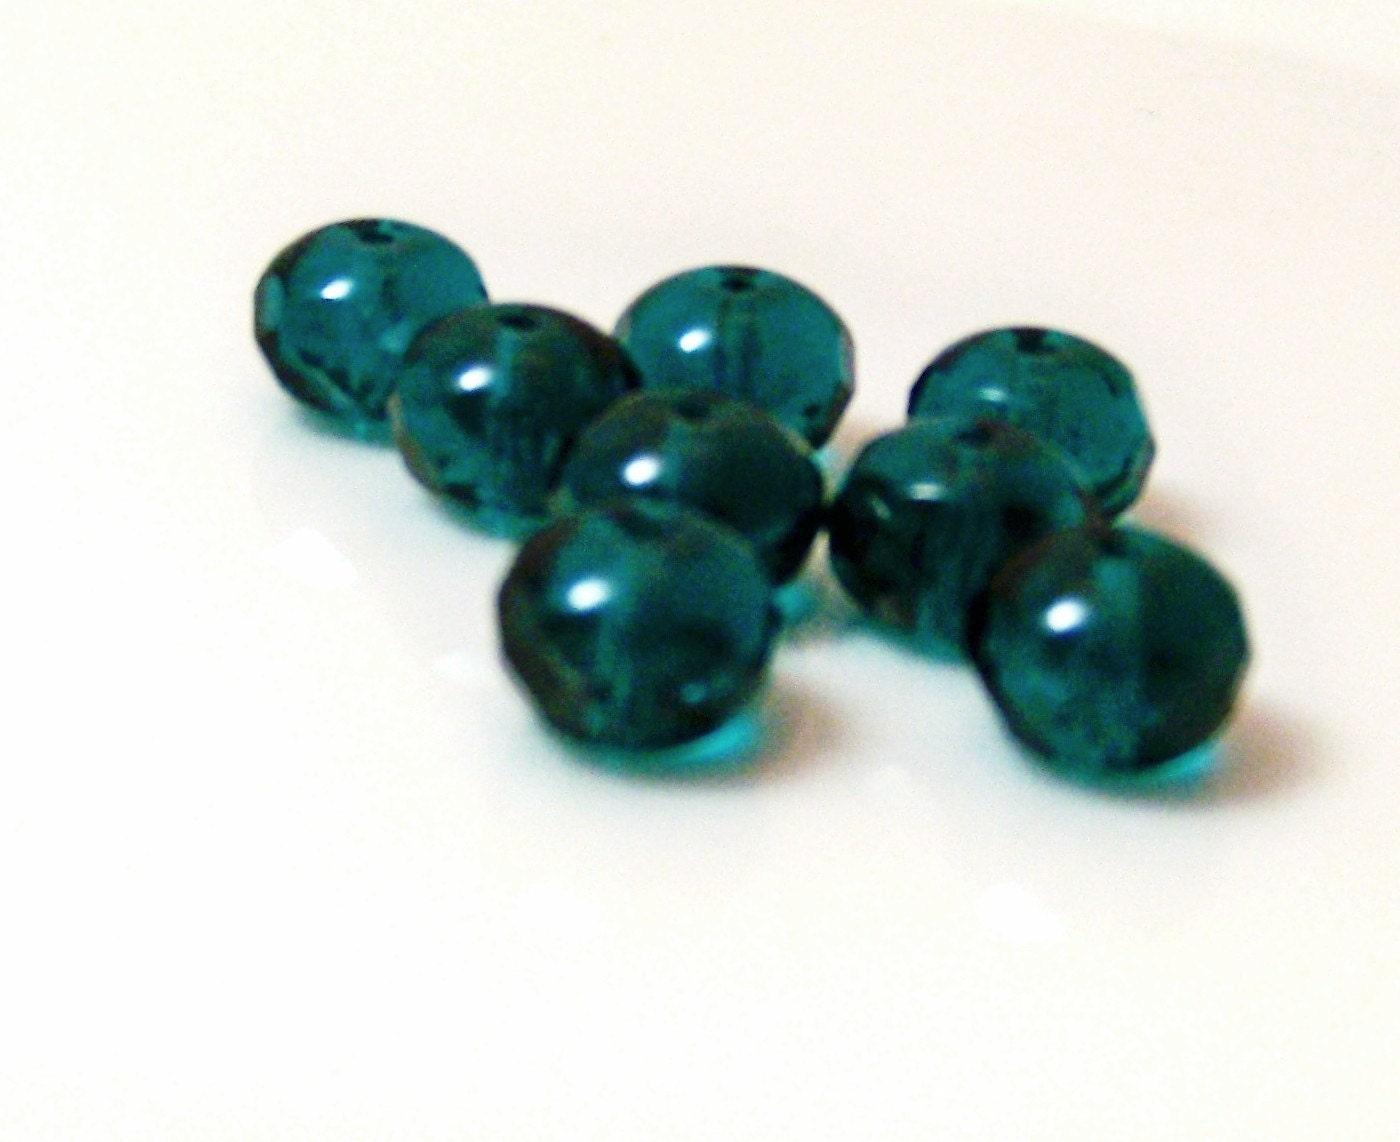 teal gemstone cut donut 9mm glass by